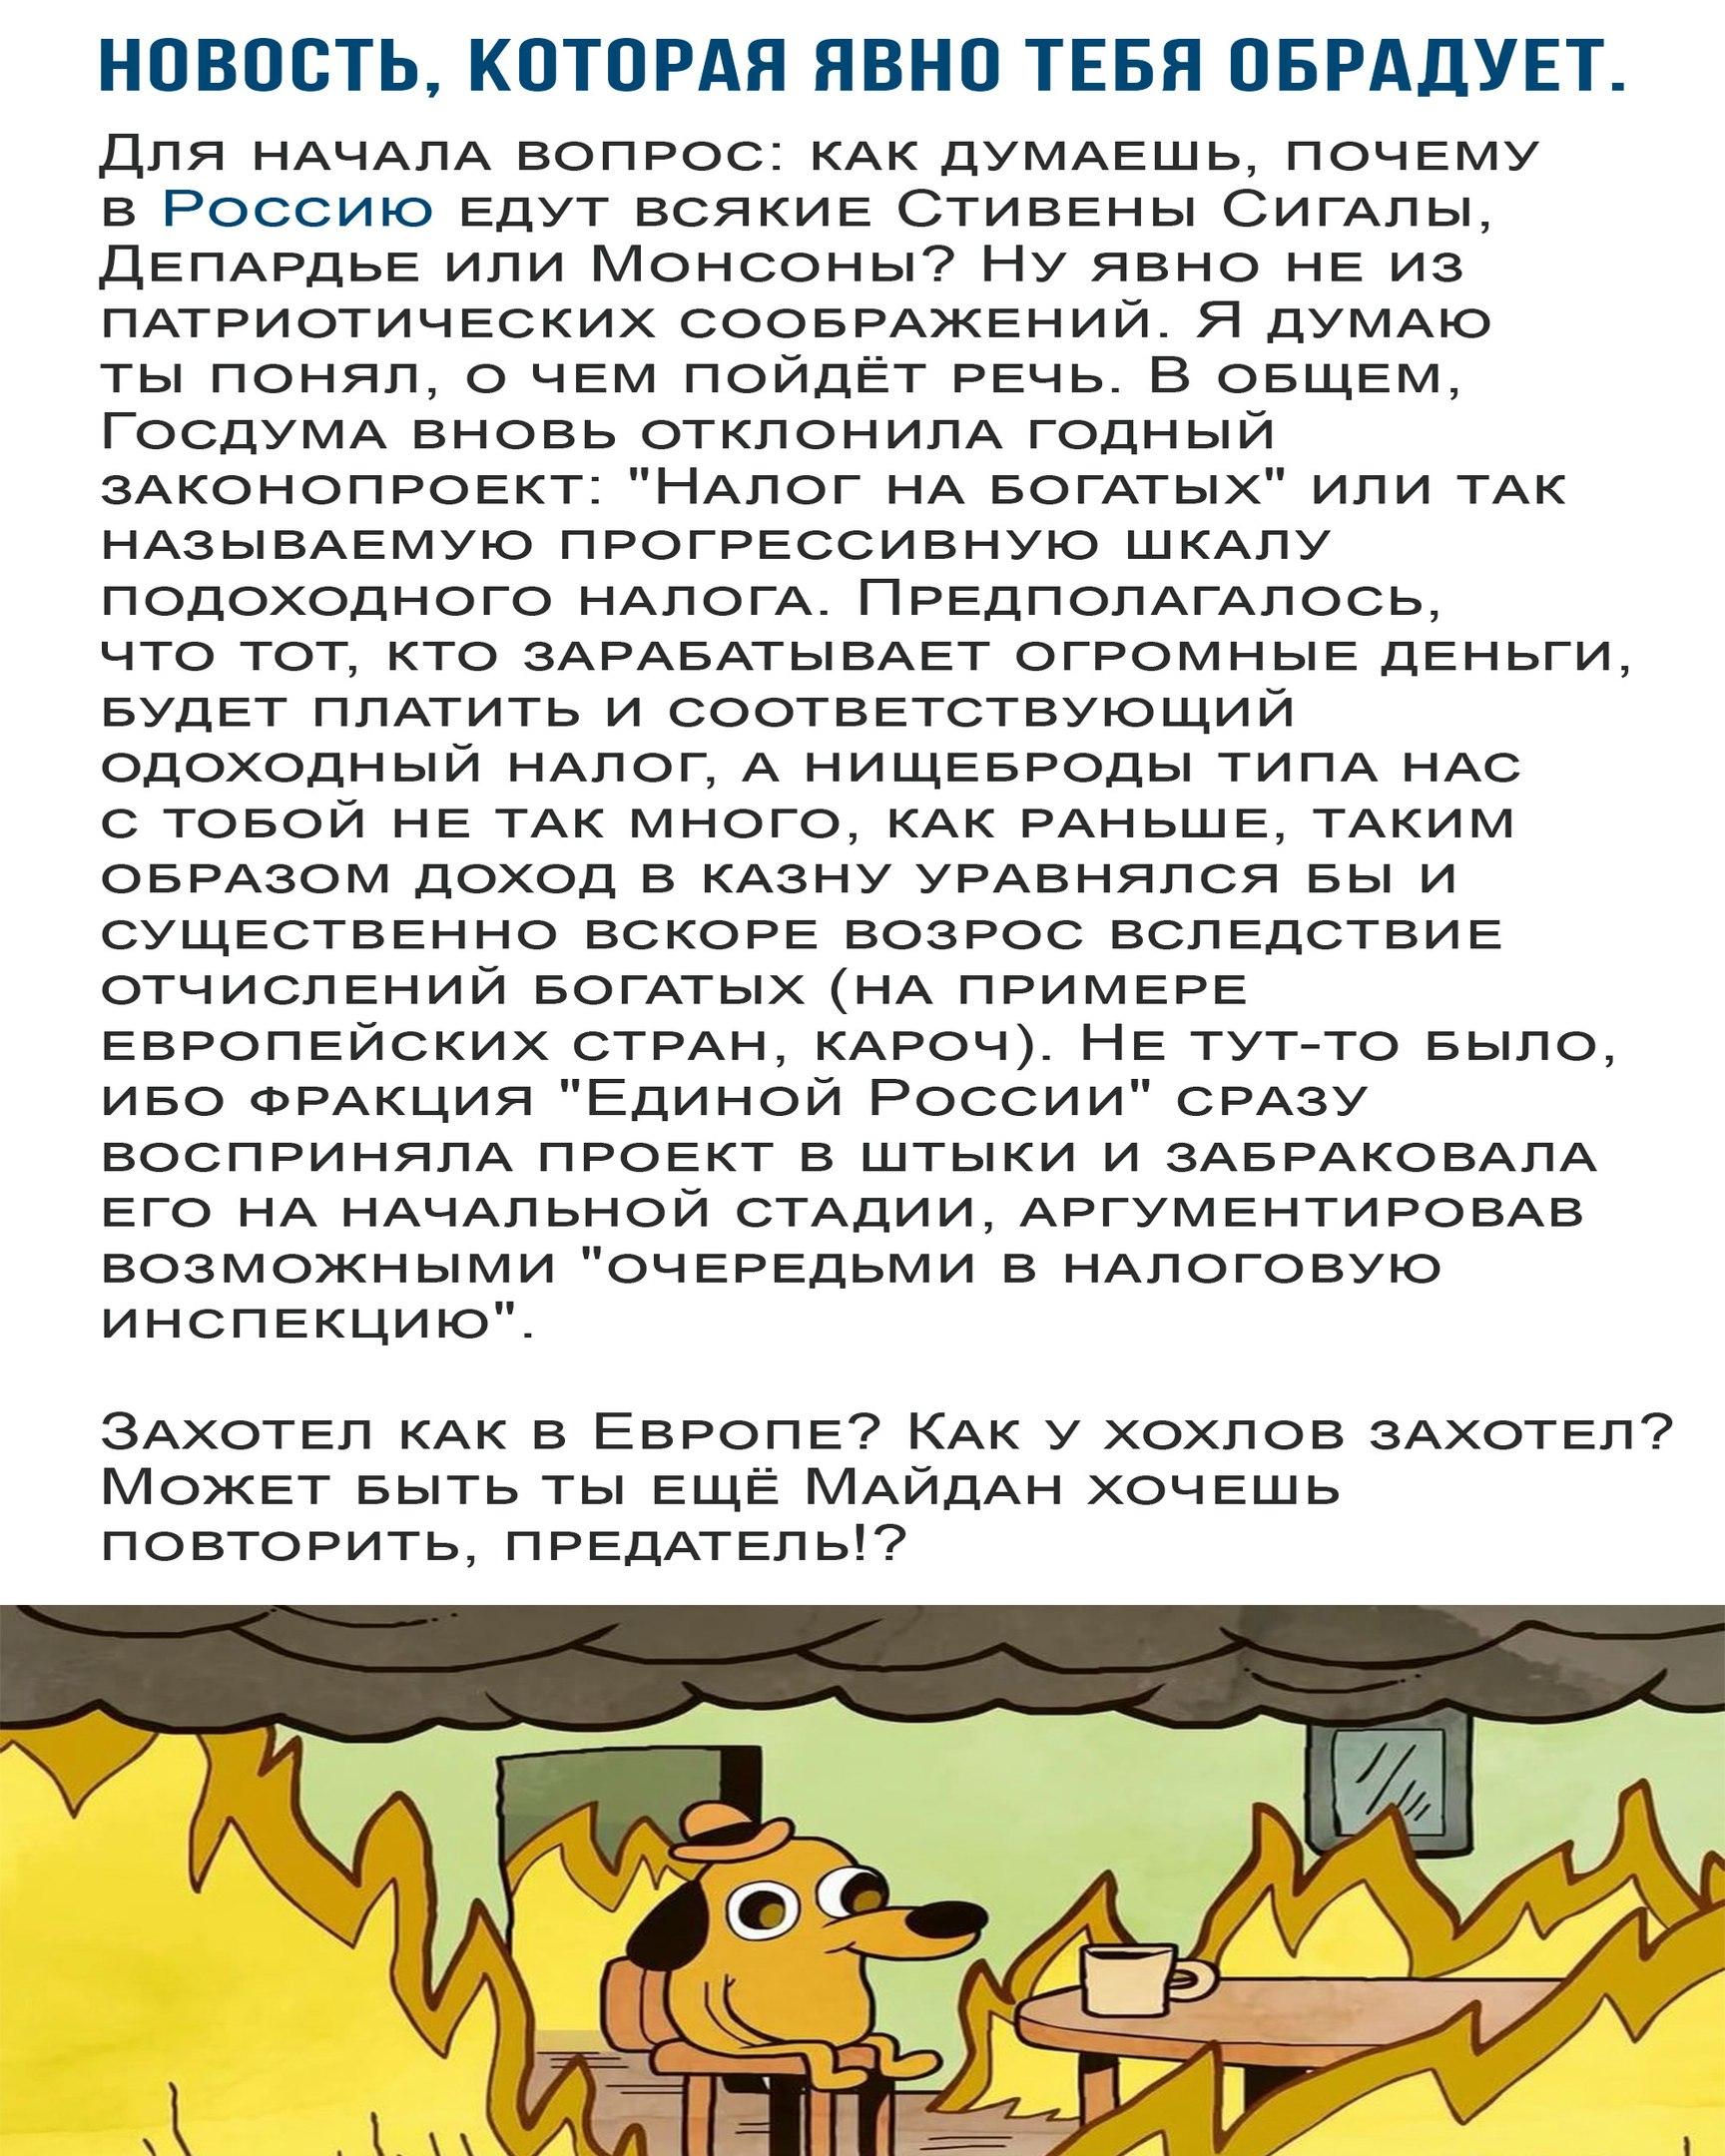 Налог на богатых не прошёл в Кнессете РФ, где большинство - иудеи, ограбившие Россию...